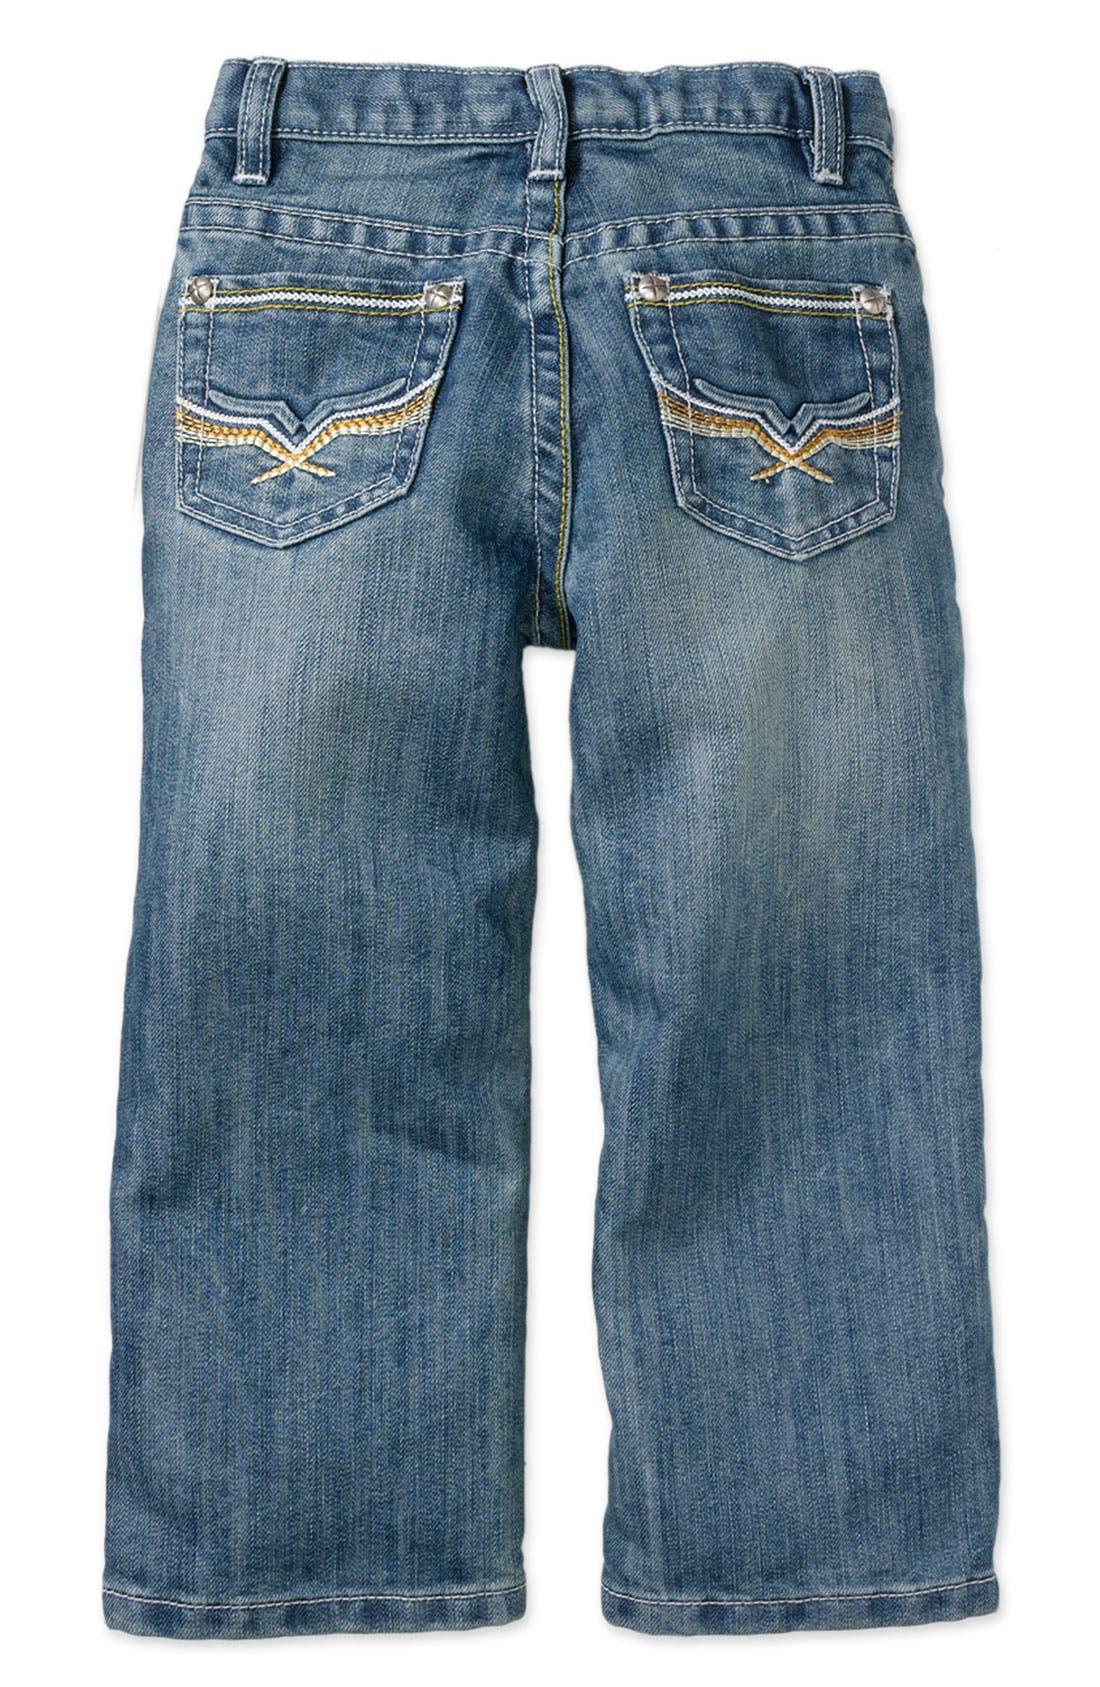 Main Image - Request 'Anson' Jeans (Little Boys)